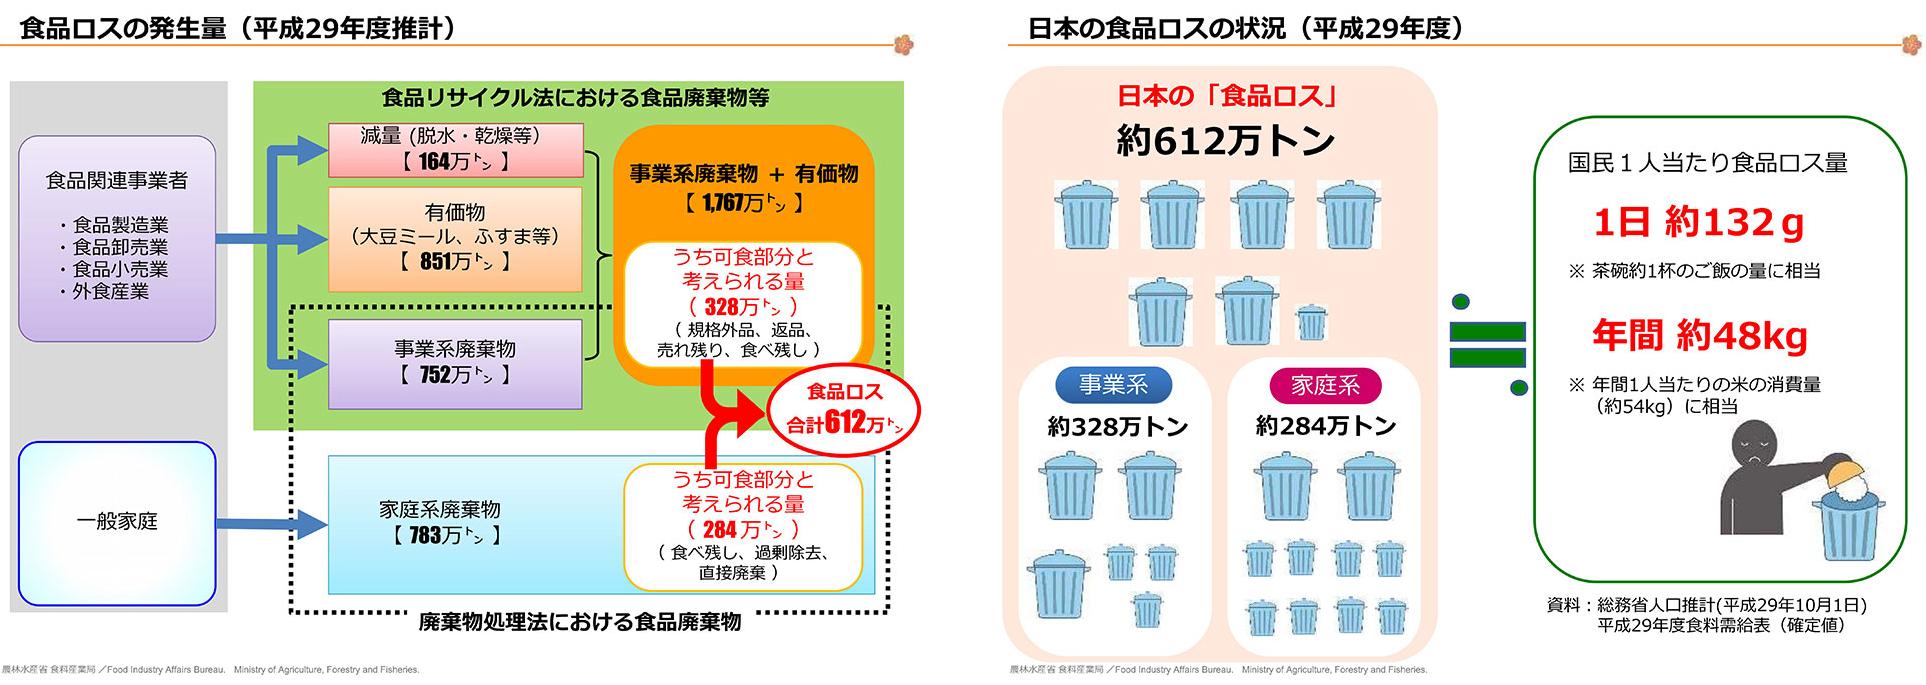 食品廃棄物等の発生率、日本の食品ロスの大きさ